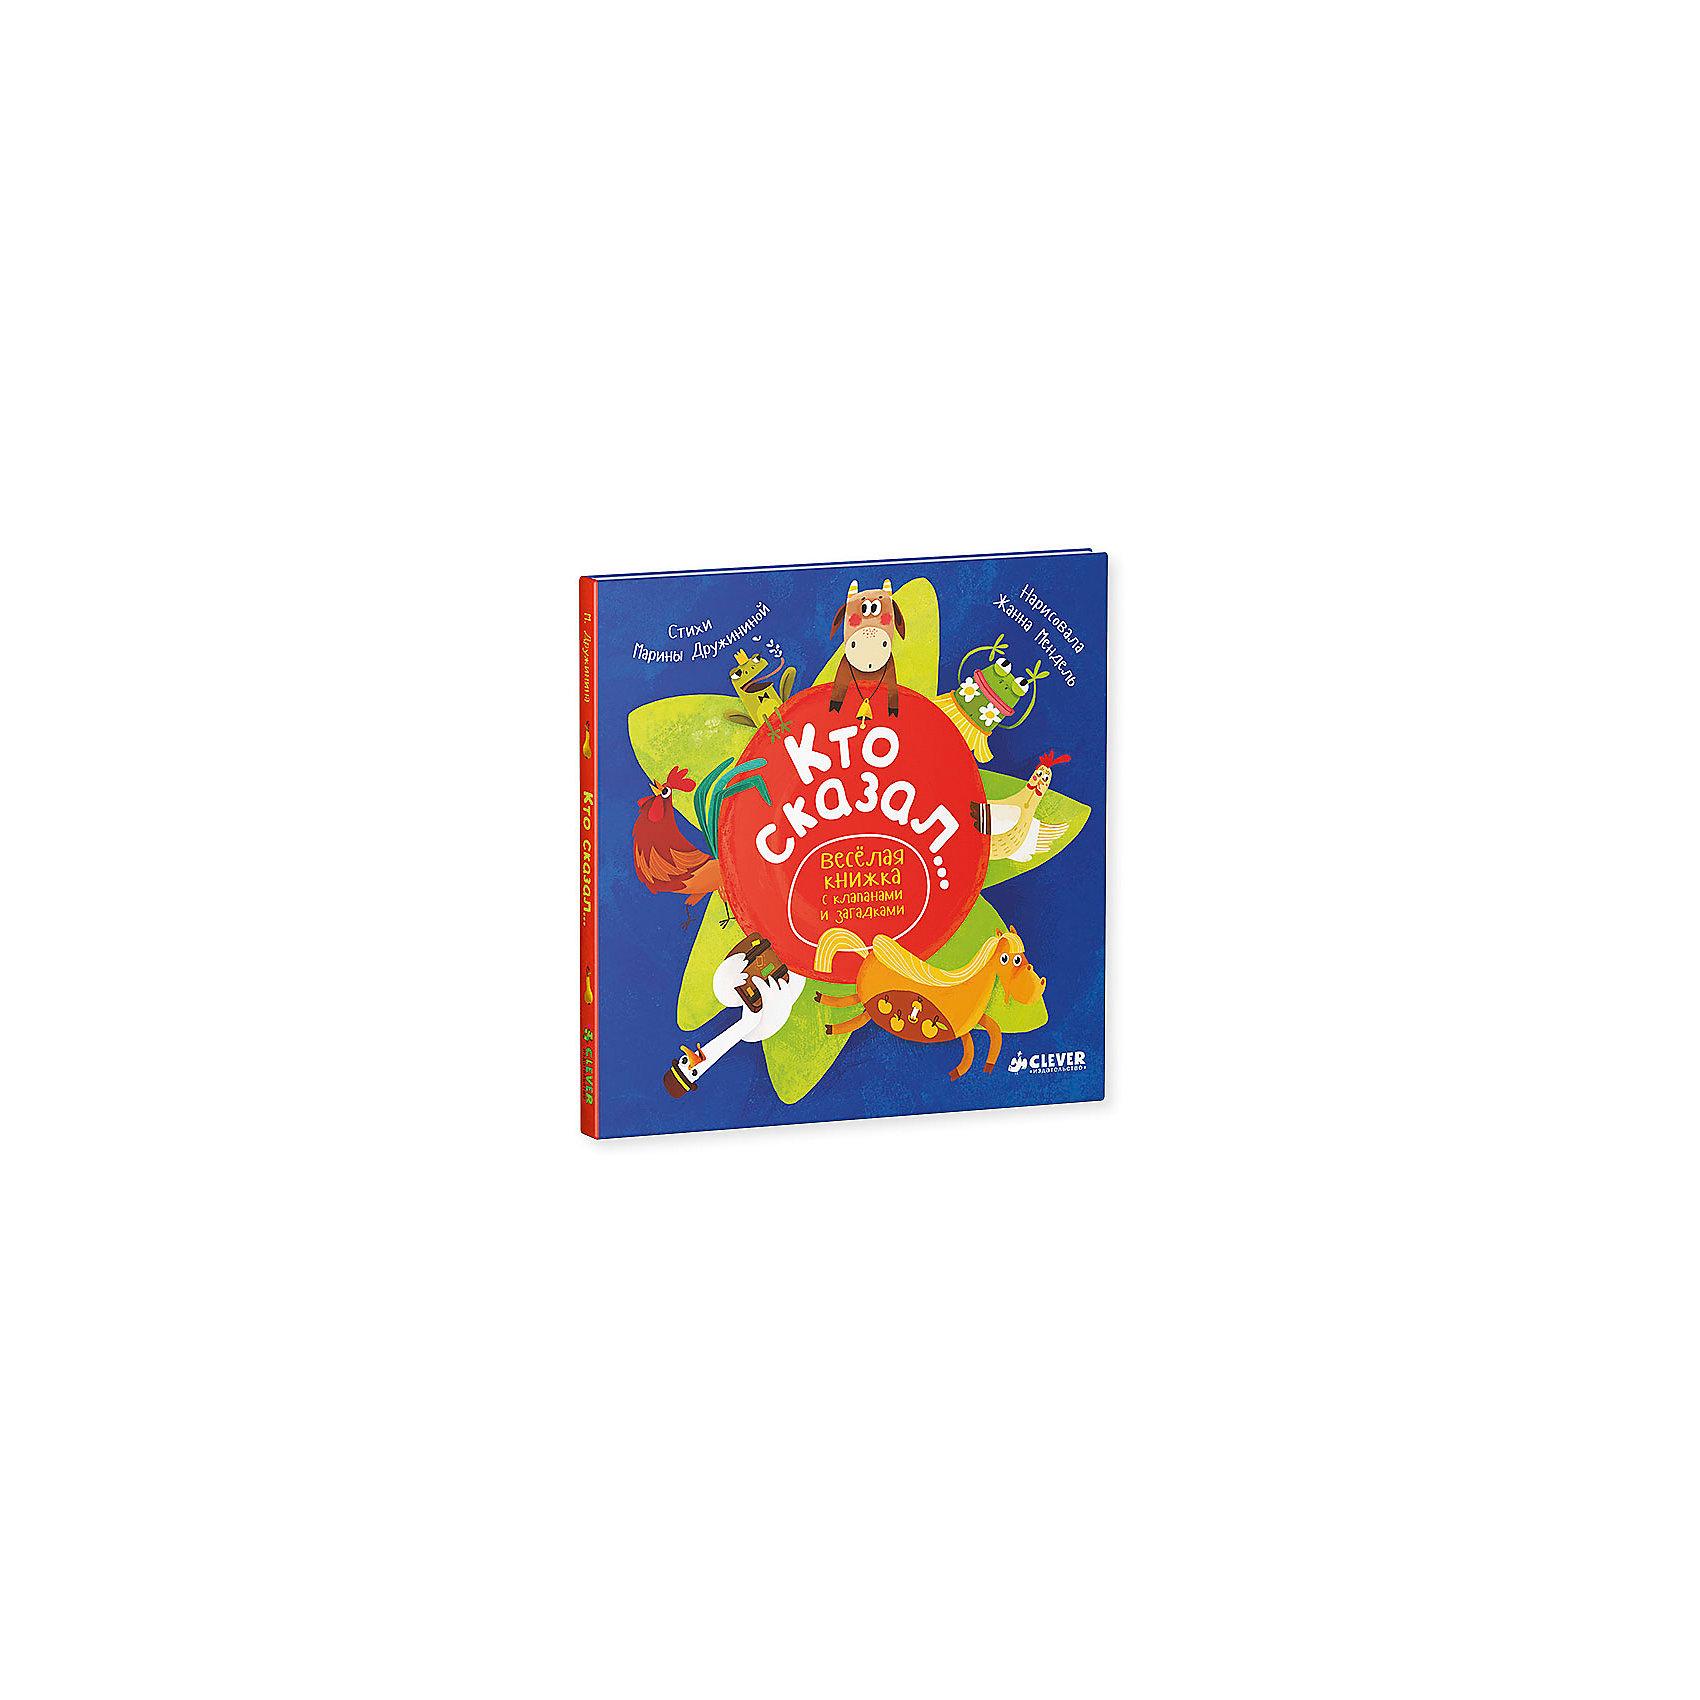 Кто сказал…, М. Дружинина, Весёлая книжка с клапанами и загадкамиПотешки, скороговорки, загадки<br>Кто сказал…, М. Дружинина, Весёлая книжка с клапанами и загадками<br><br>Характеристики:<br><br>• ISBN: 978-5-906838-48-3<br>• Кол-во страниц: 14<br>• Возраст: 3-5 лет<br>• Формат: а5<br>• Размер книги: 199x200x9 мм<br>• Бумага: картон<br>• Вес: 233 г<br>• Обложка: картон<br><br>Эта красочная книга познакомит вашего ребенка с различными видами животных. Расскажет о том как разговаривают разные звери и поможет малышу угадывать животное по его звуку. В книге содержатся клапаны, загадки и легко запоминающиеся стихи. Изучая эту книгу ребенок сможет развить свою память и мелкую моторику.<br> <br>Кто сказал…, М. Дружинина, Весёлая книжка с клапанами и загадками можно купить в нашем интернет-магазине.<br><br>Ширина мм: 200<br>Глубина мм: 200<br>Высота мм: 5<br>Вес г: 230<br>Возраст от месяцев: 0<br>Возраст до месяцев: 36<br>Пол: Унисекс<br>Возраст: Детский<br>SKU: 5377773